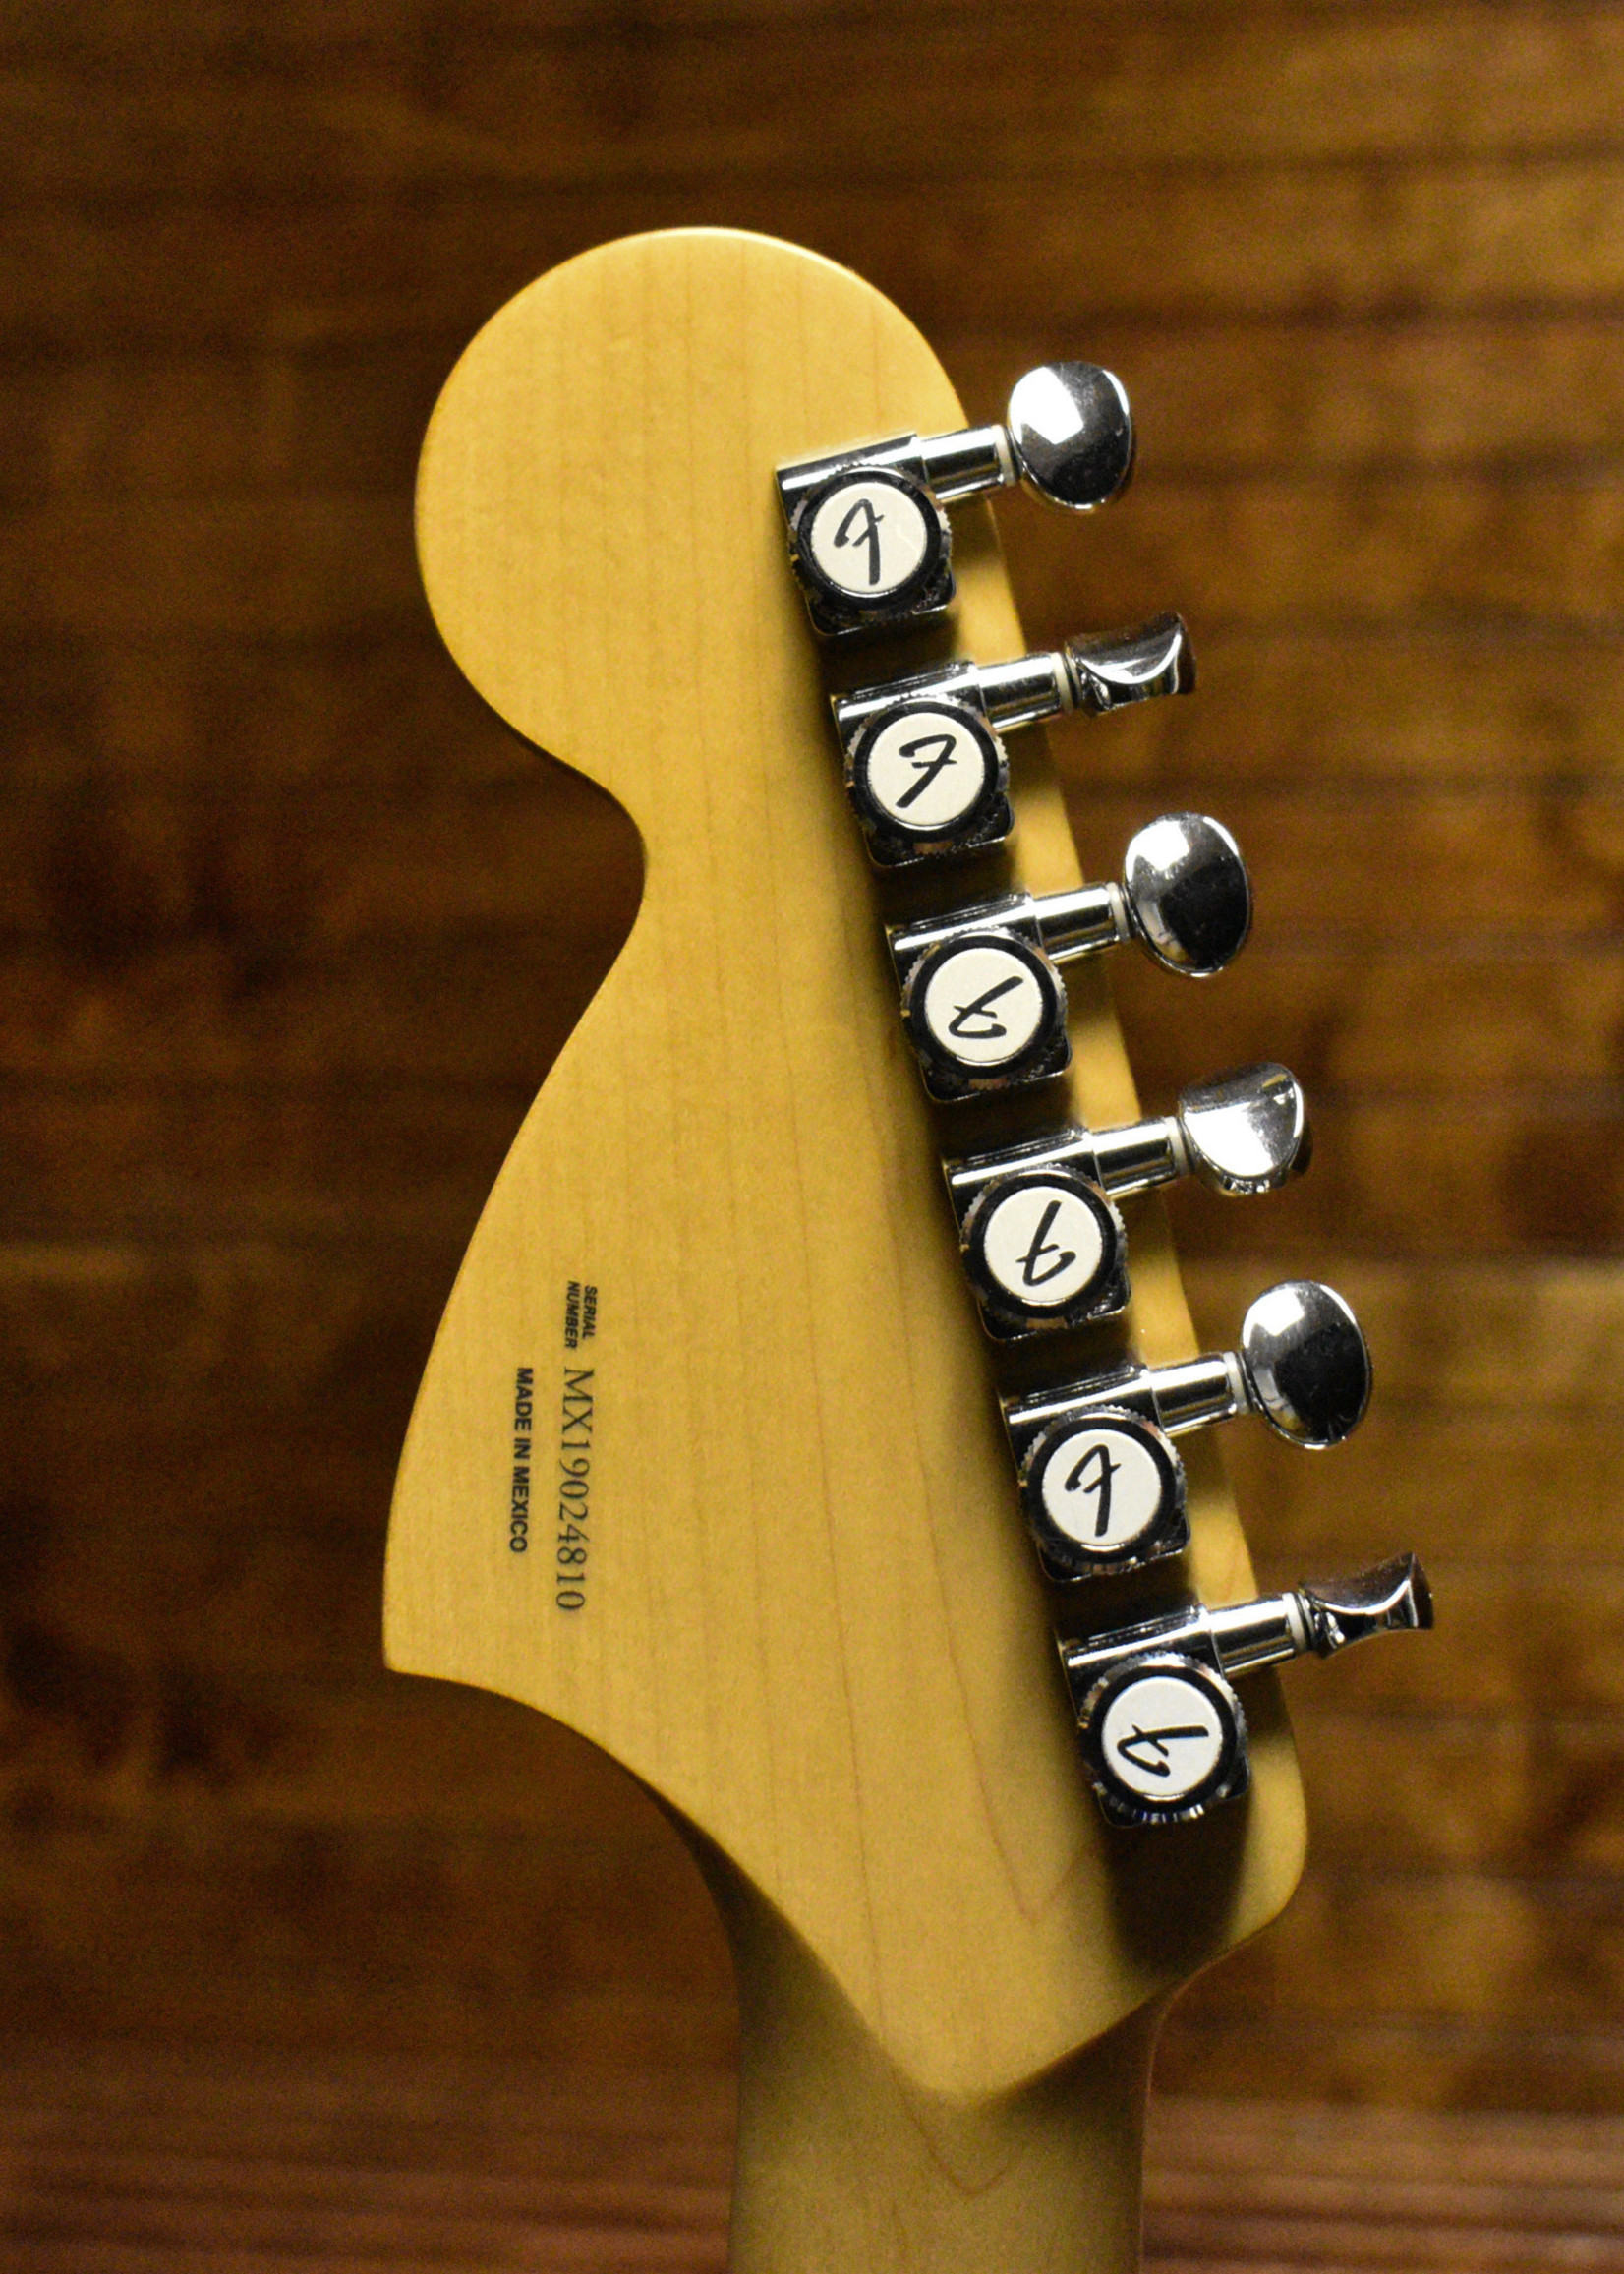 Fender Fender Deluxe Stratocaster Sapphire Blue